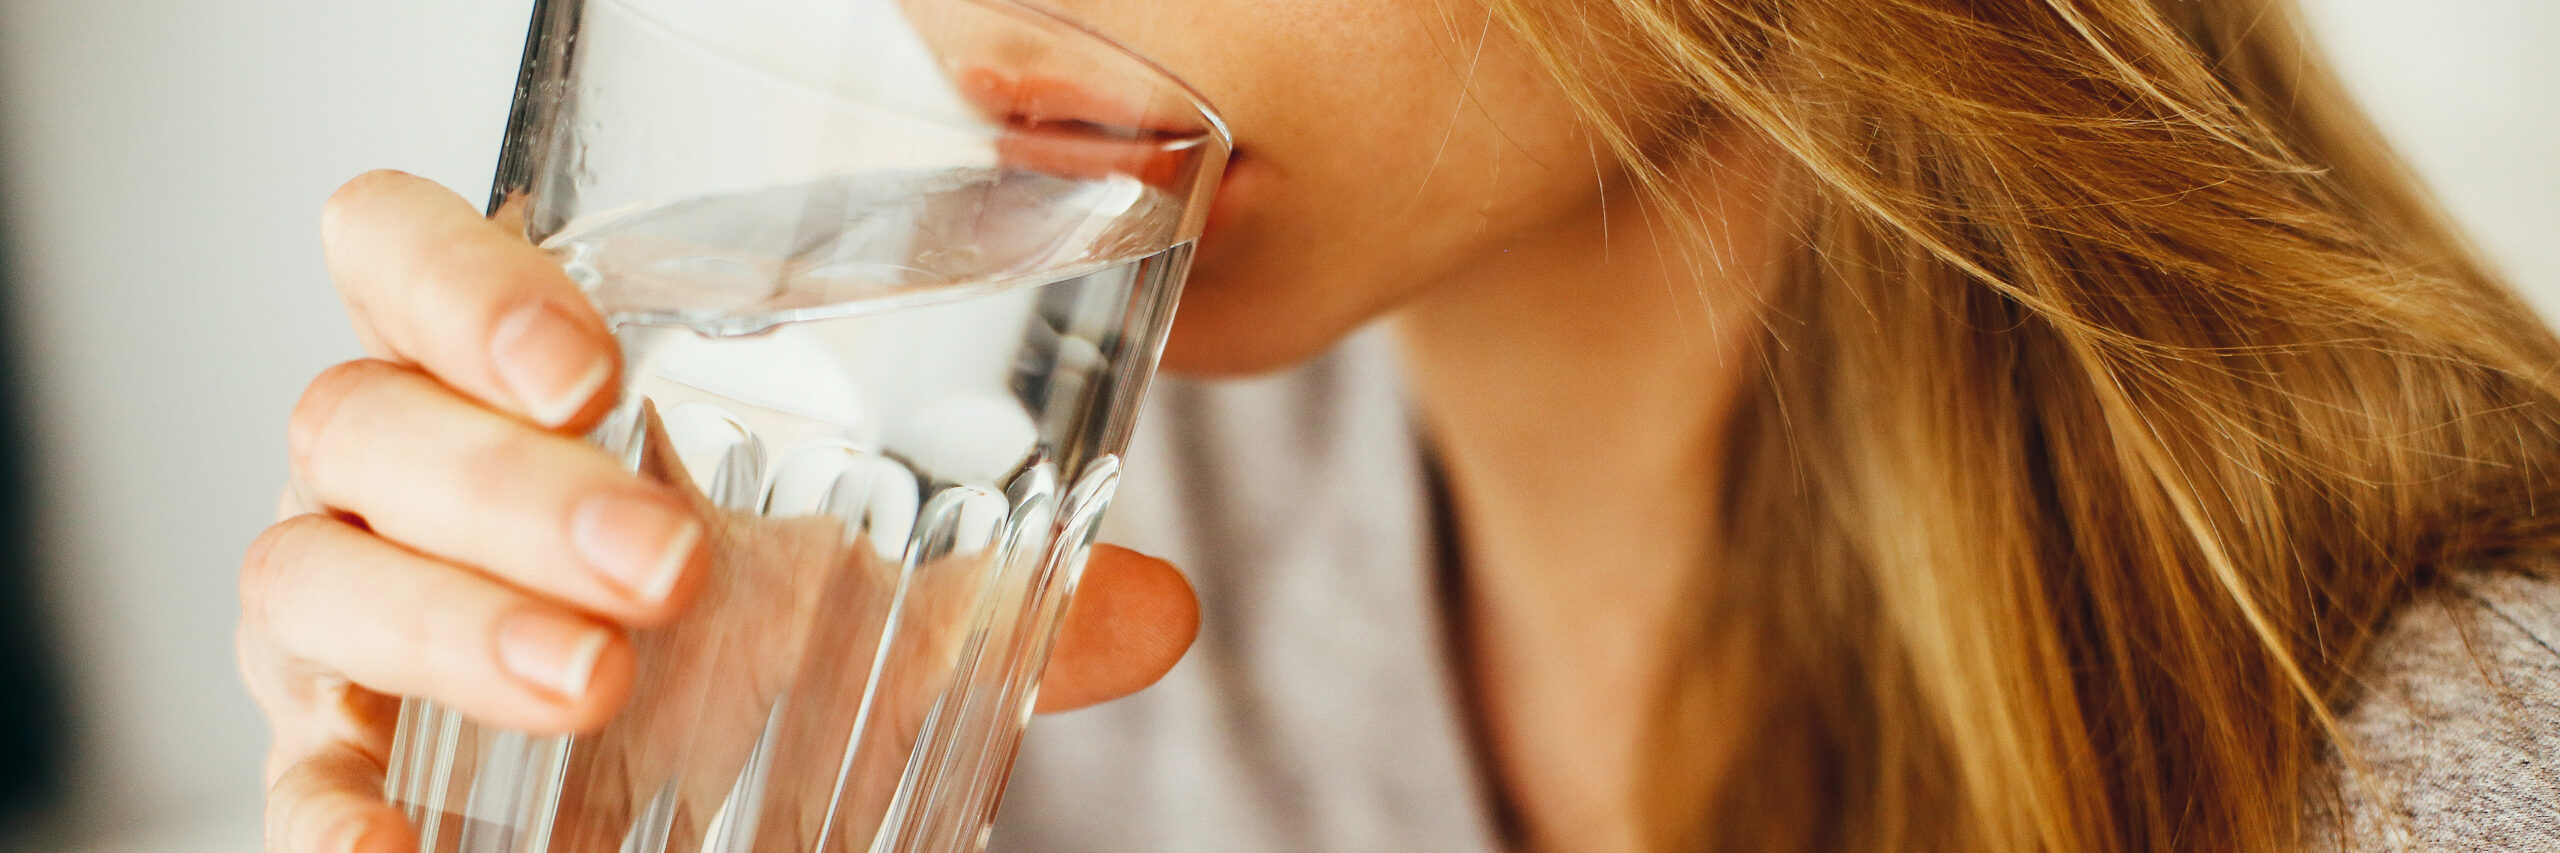 Kvaliteetne joogivesi